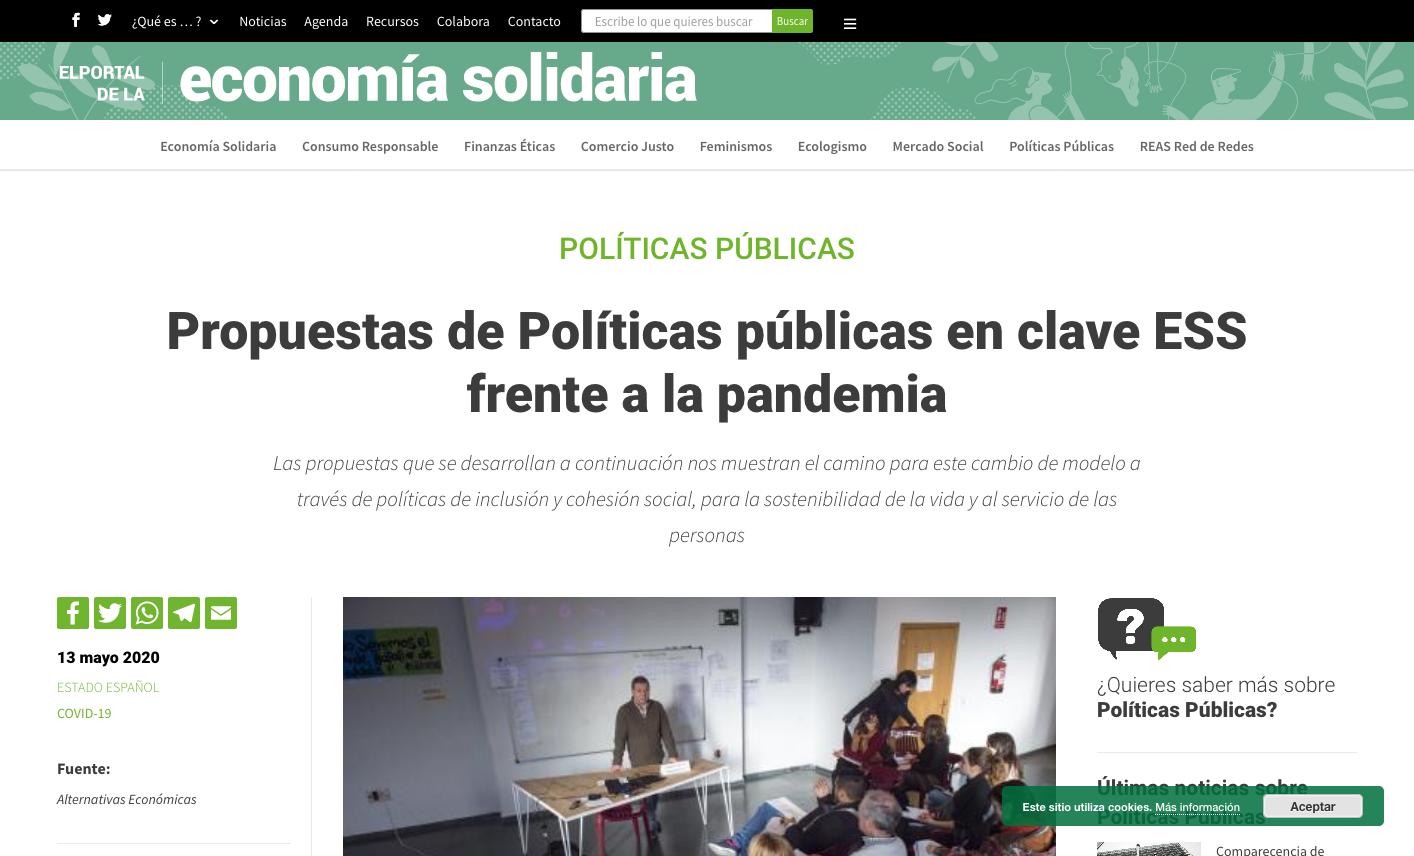 Inclusión y sostenibilidad a través de políticas públicas